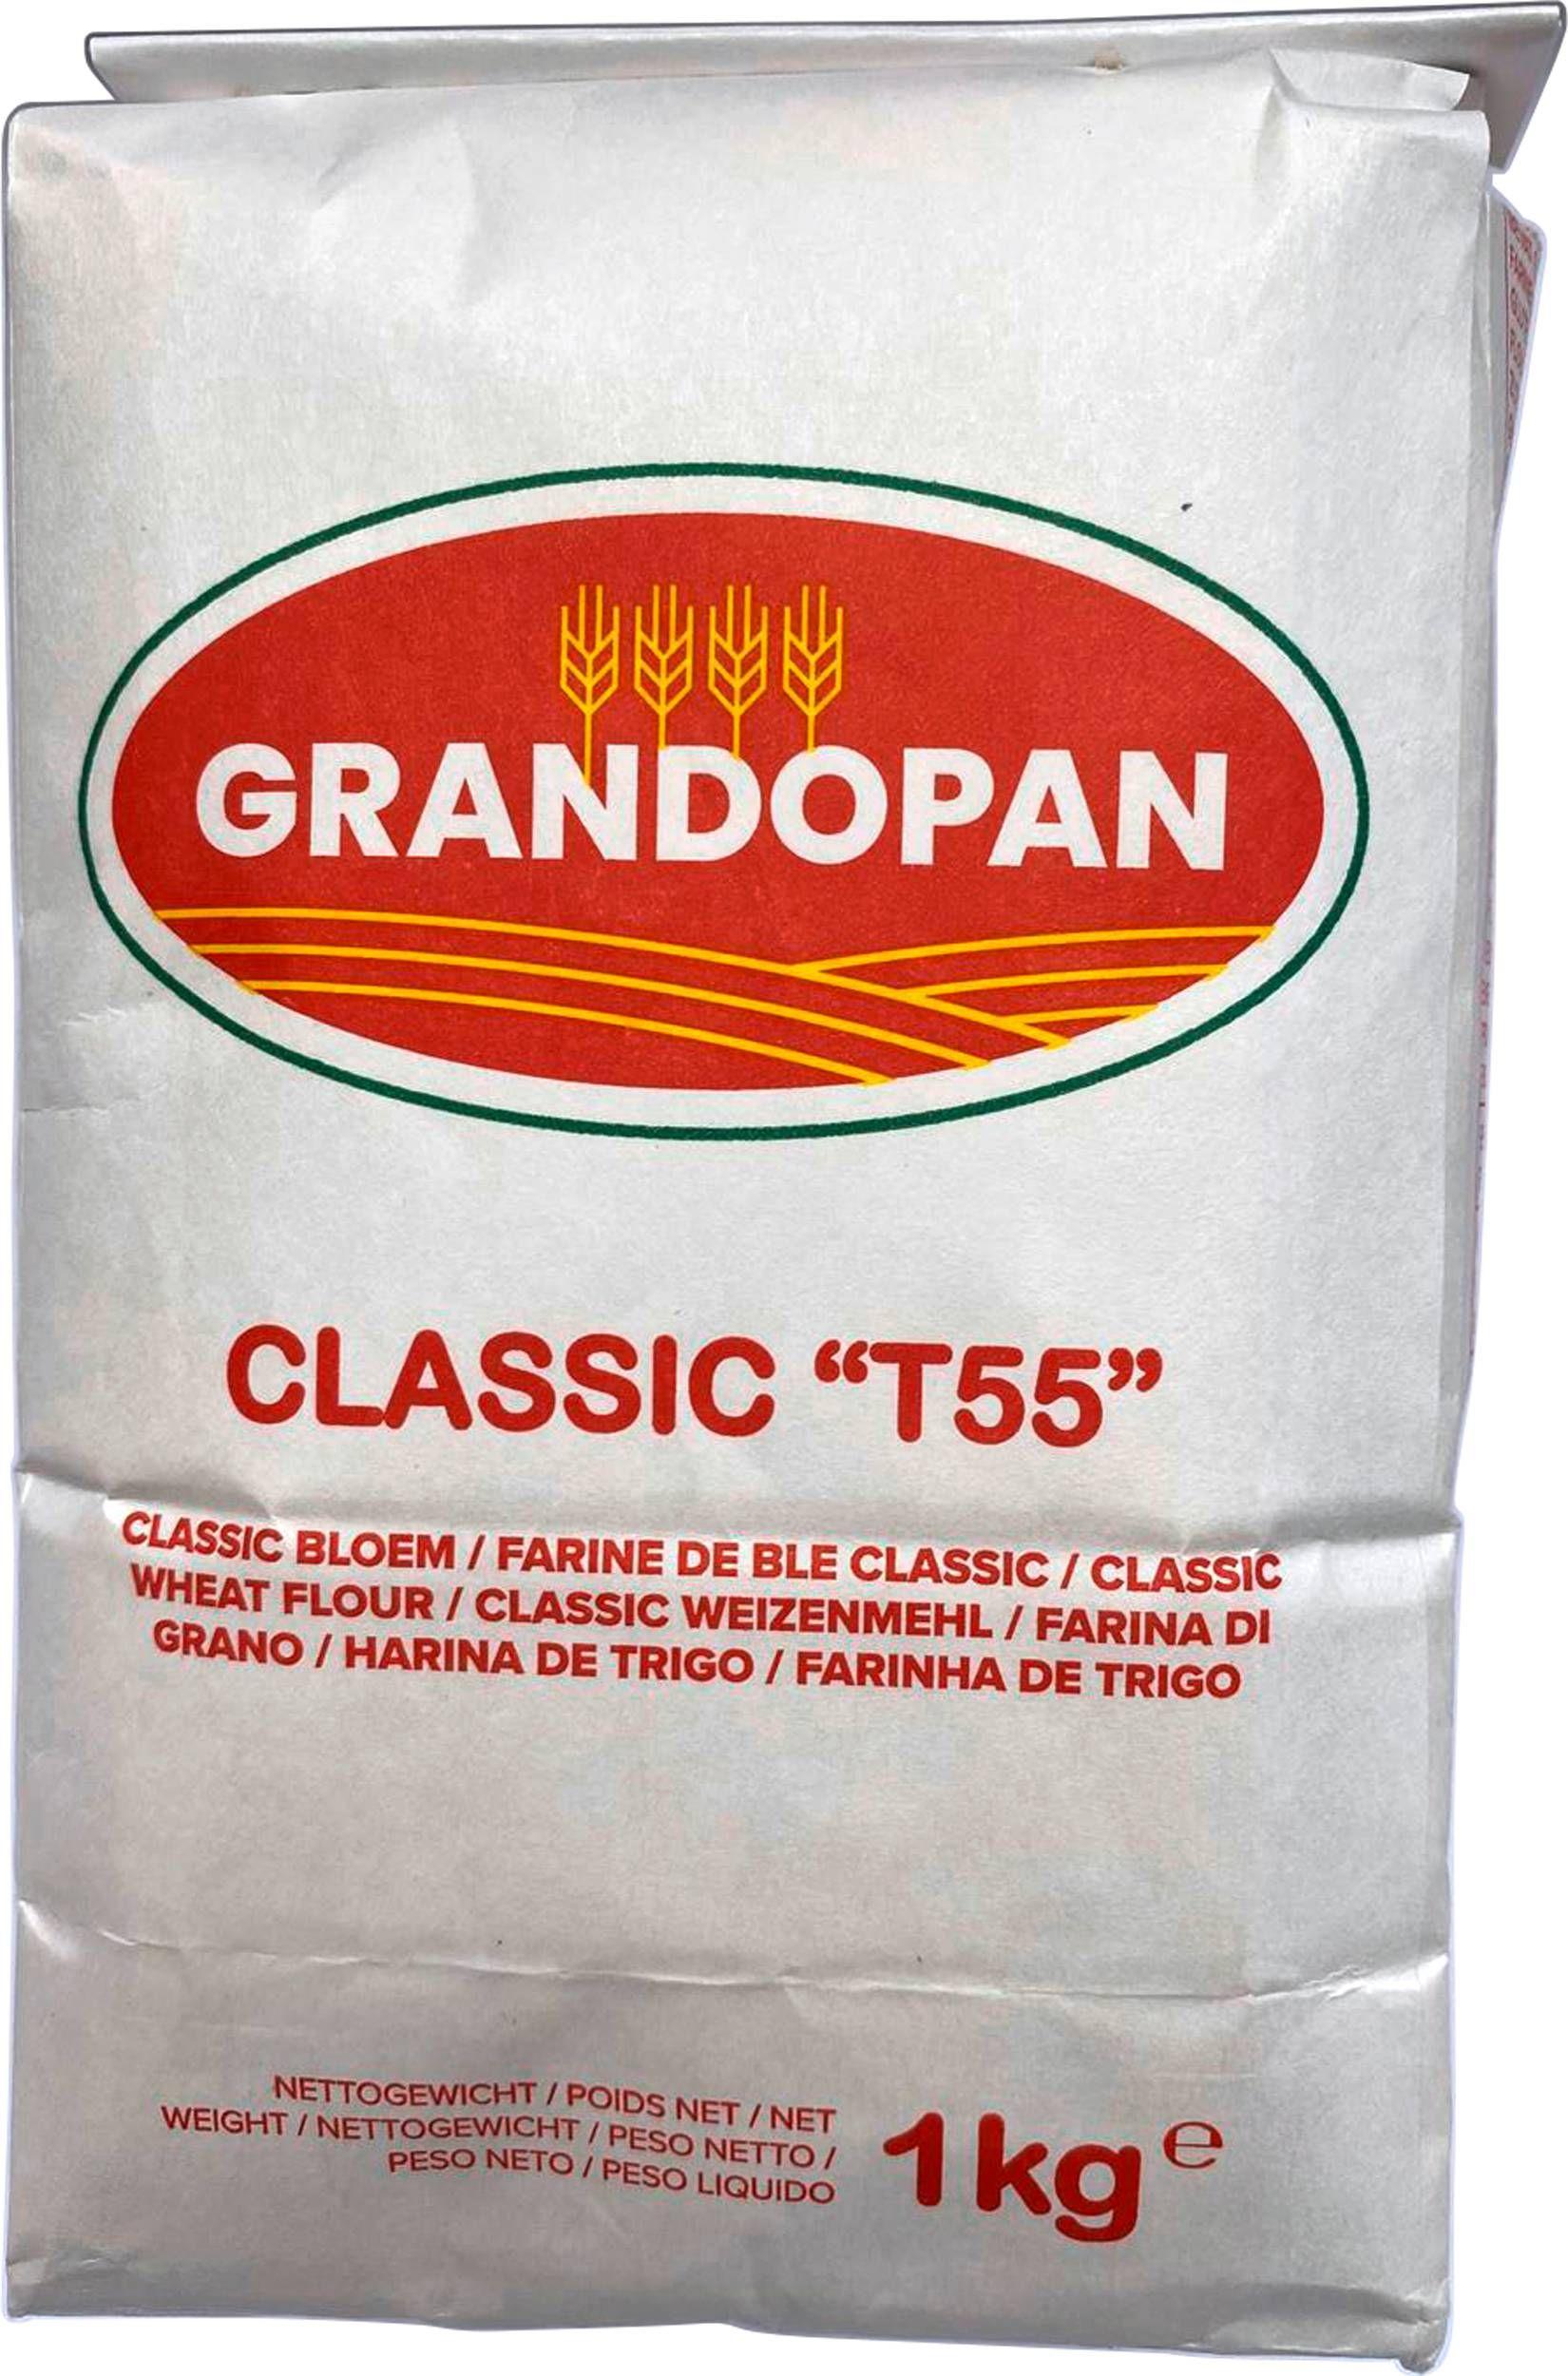 Lot de 2 paquets de farine Grandopain Classic T. 55 - 2x1 kg